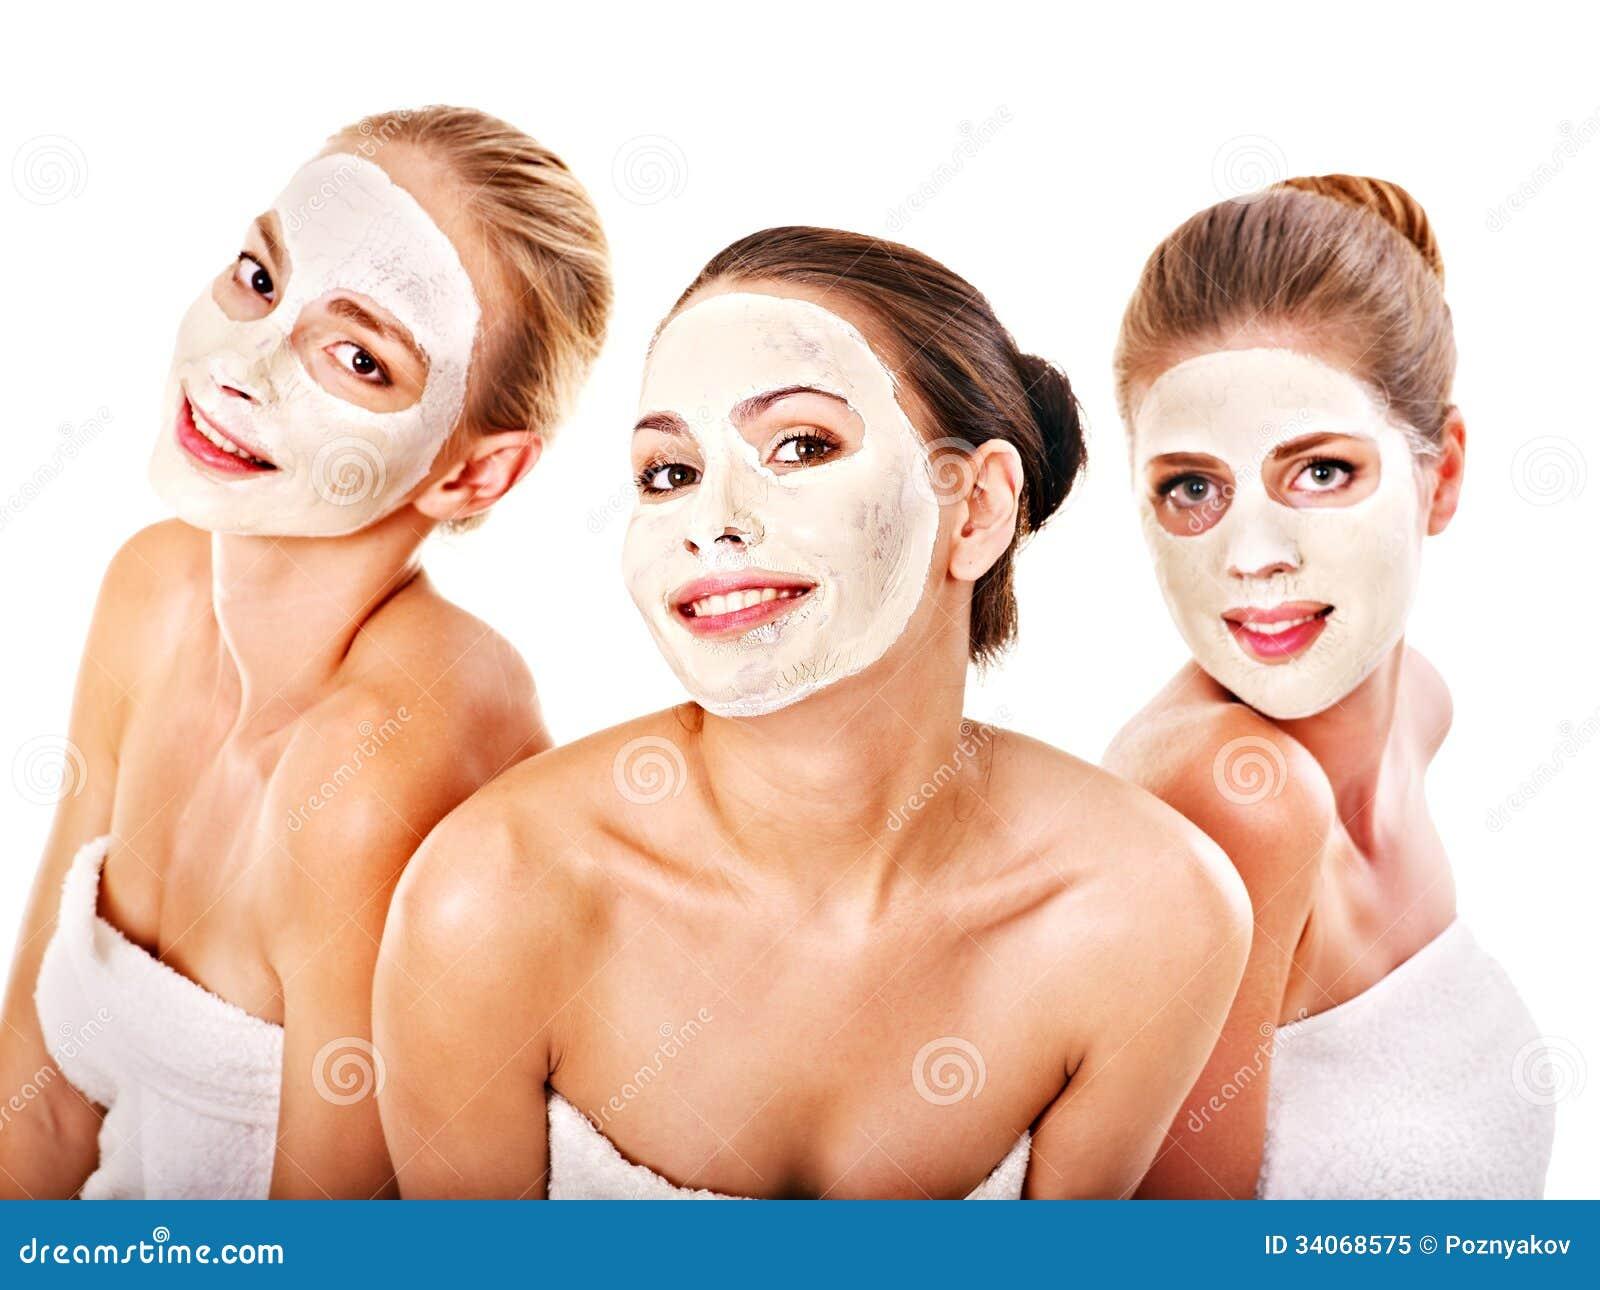 Group Facial Pics 116